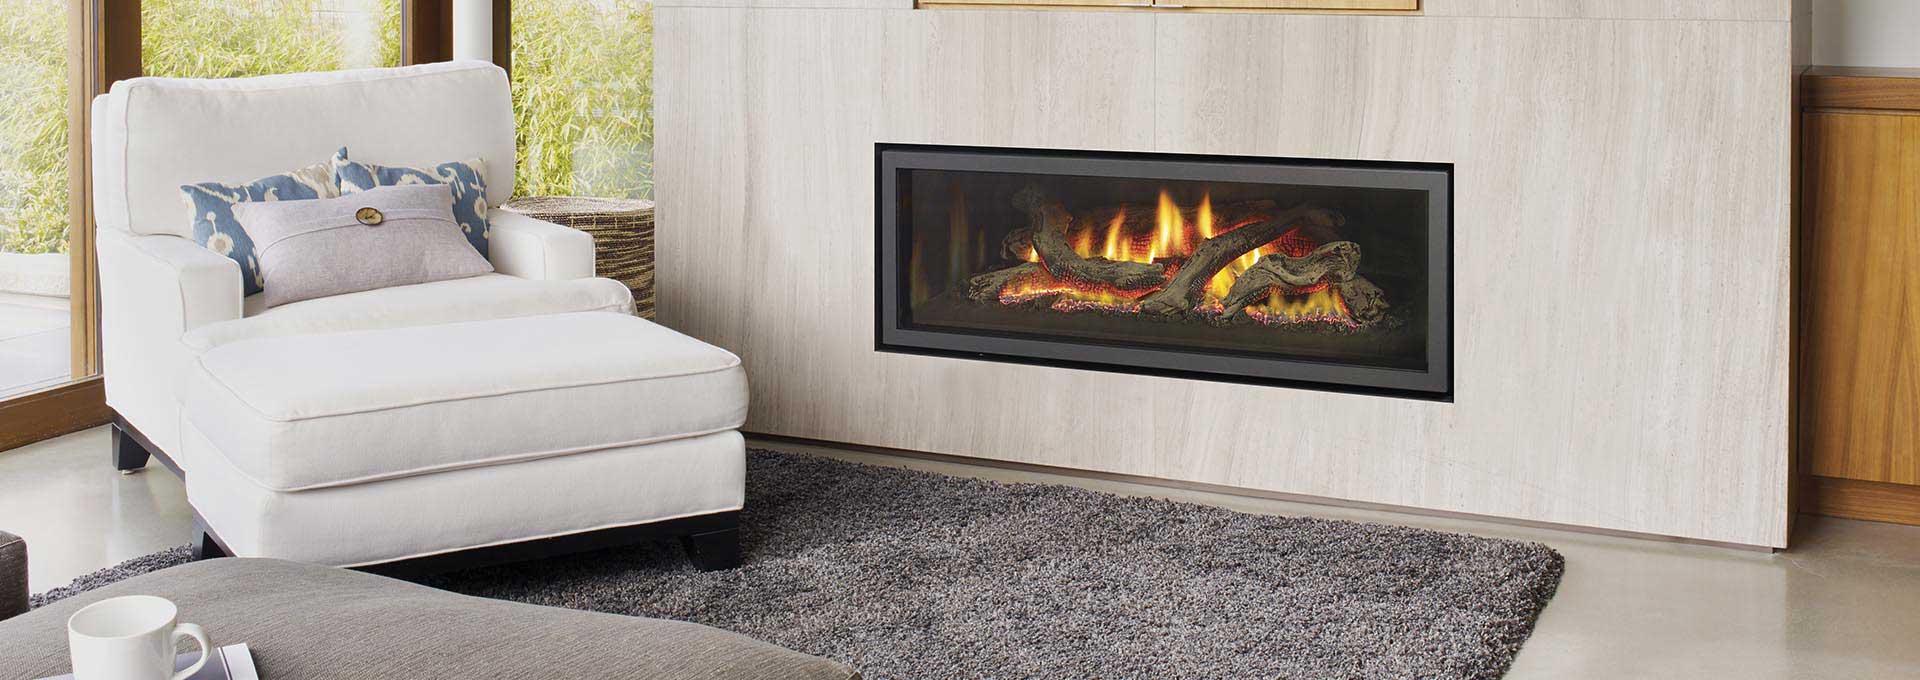 Linear Gas Fireplace - Regency GF1500L